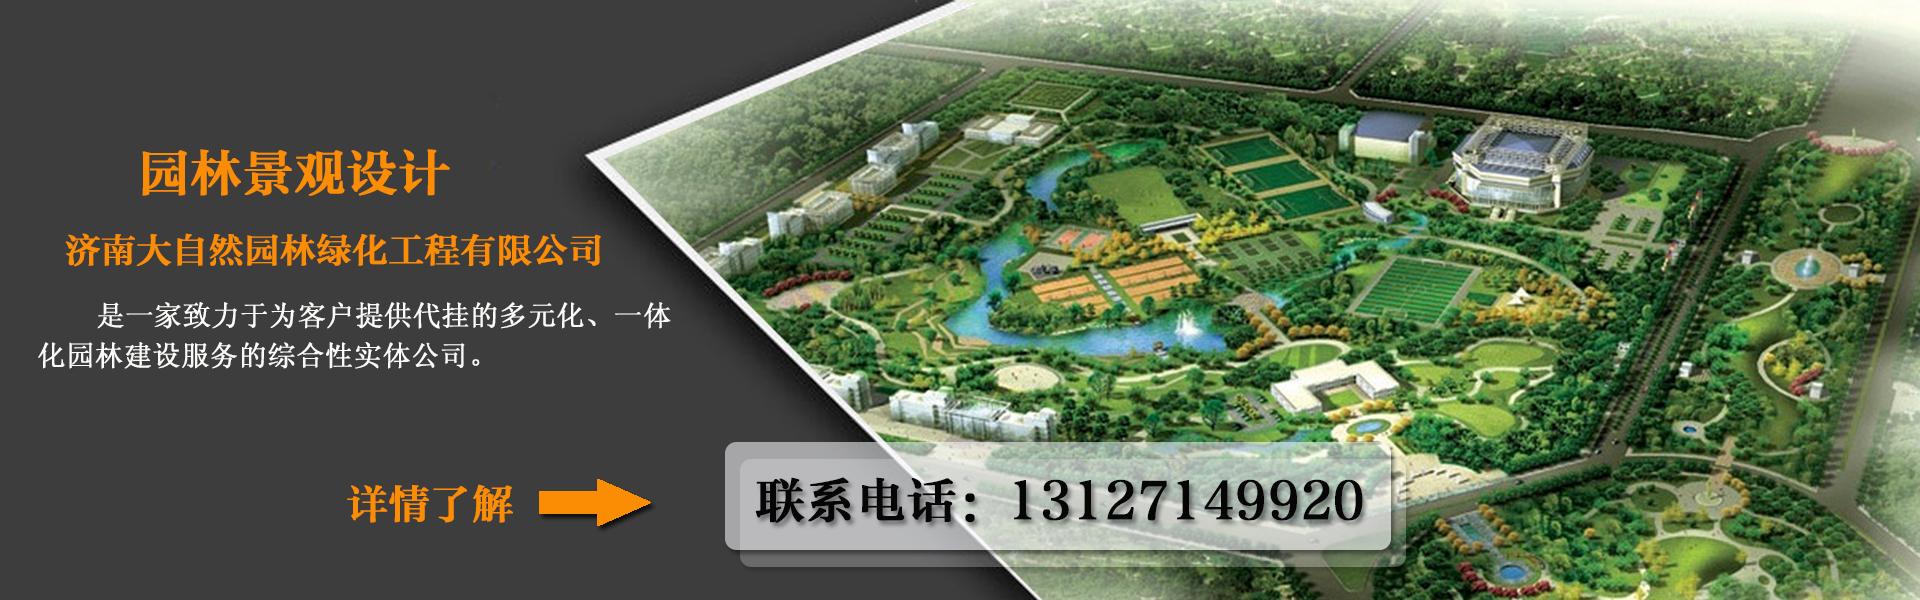 太阳城游戏中心